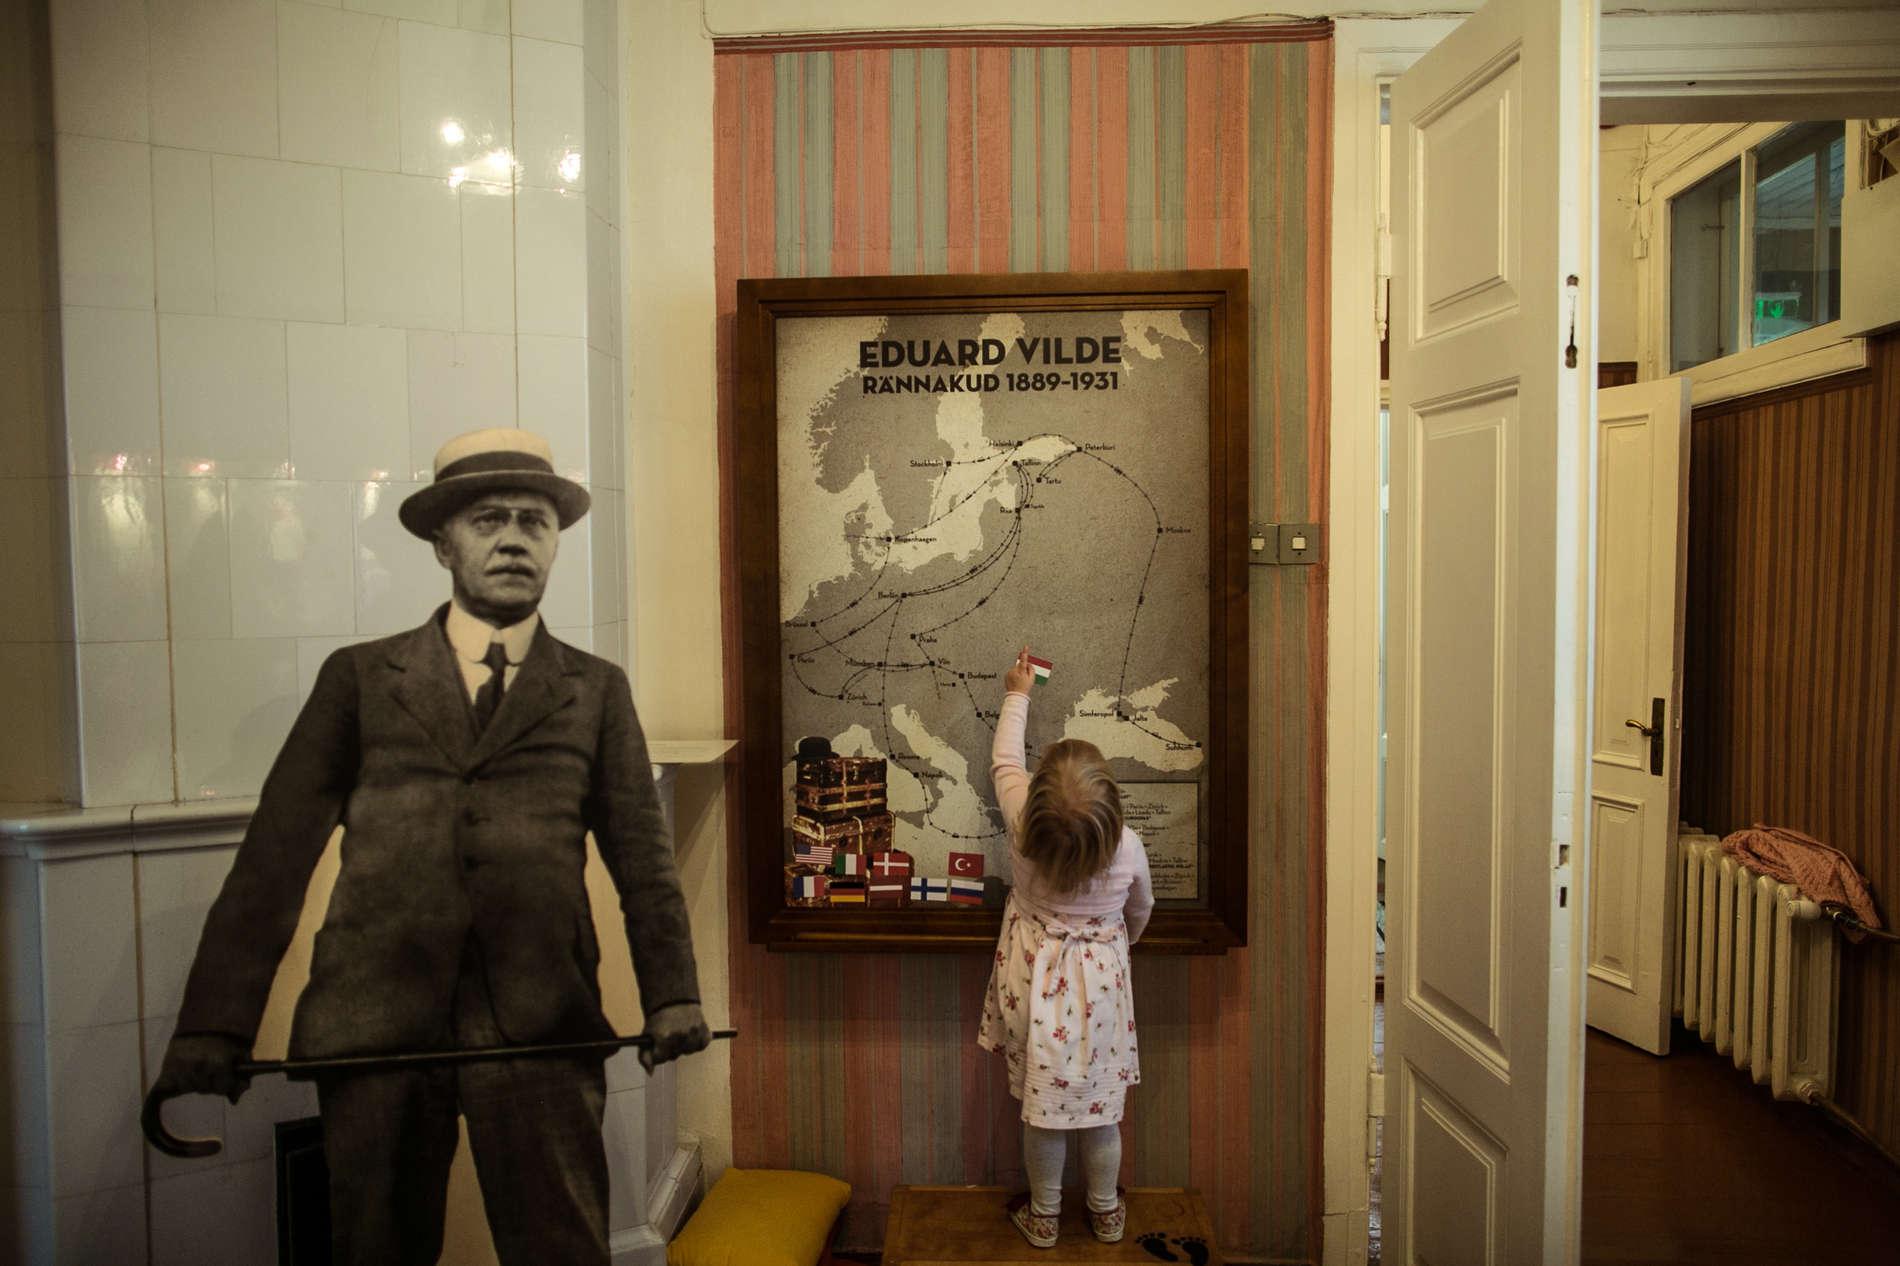 Vilden Museo Kadriorgissa Tallinnassa Virossa